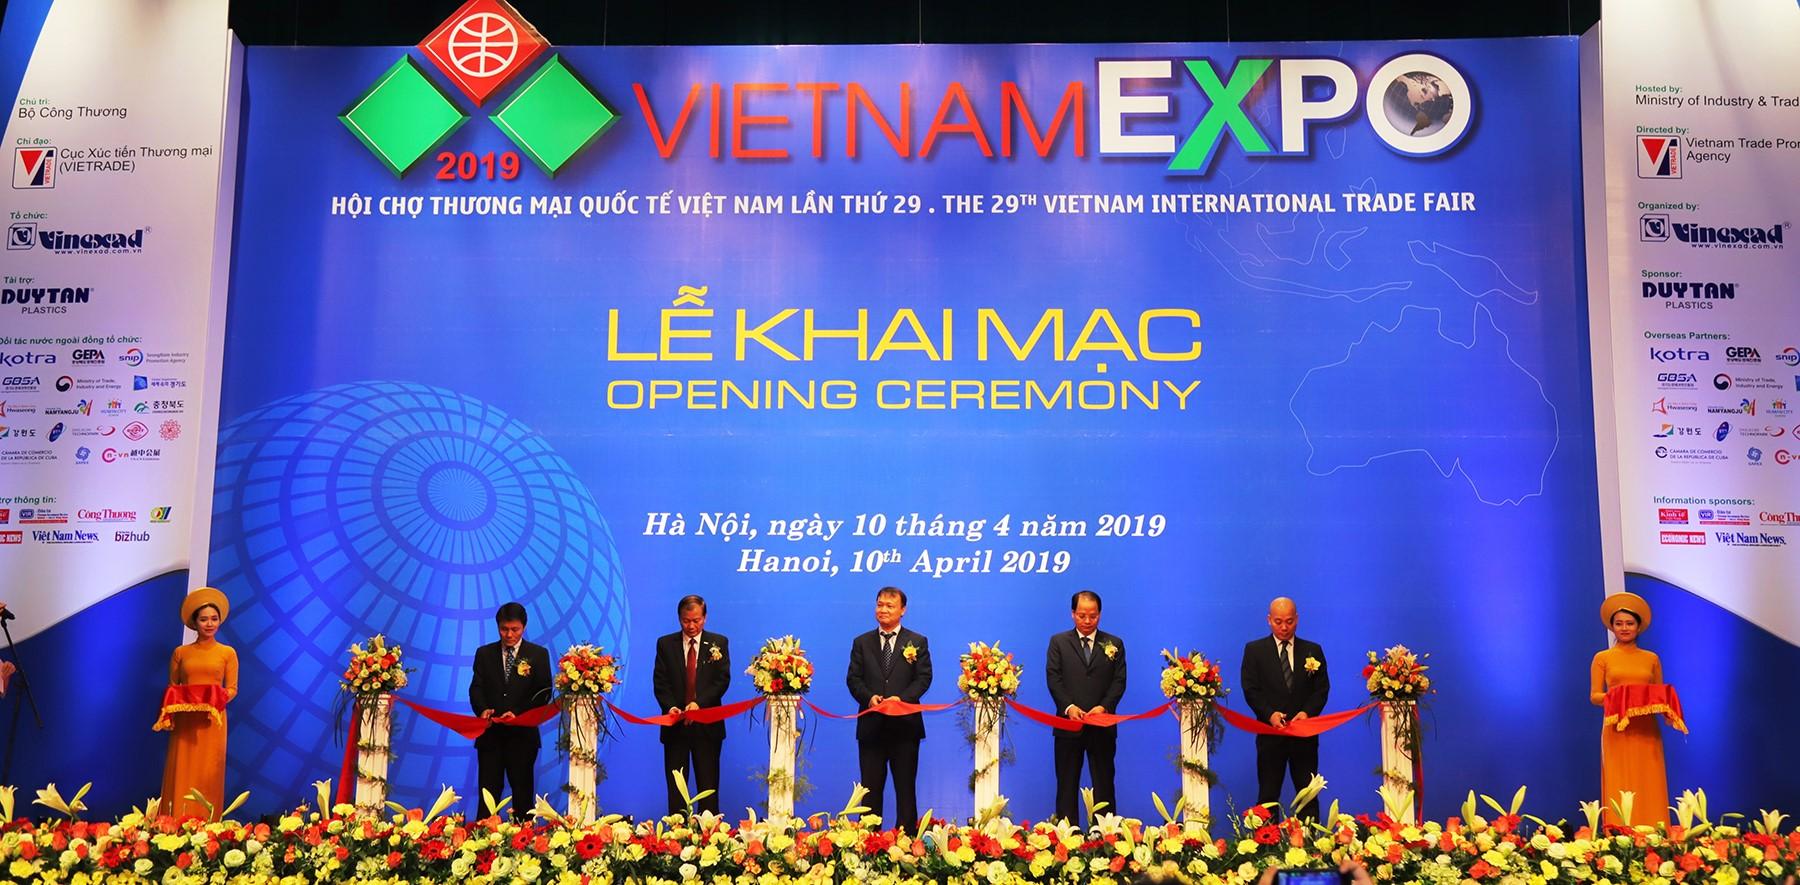 Khai mạc Hội chợ Thương mại quốc tế Việt Nam (Vietnam Expo) 2019